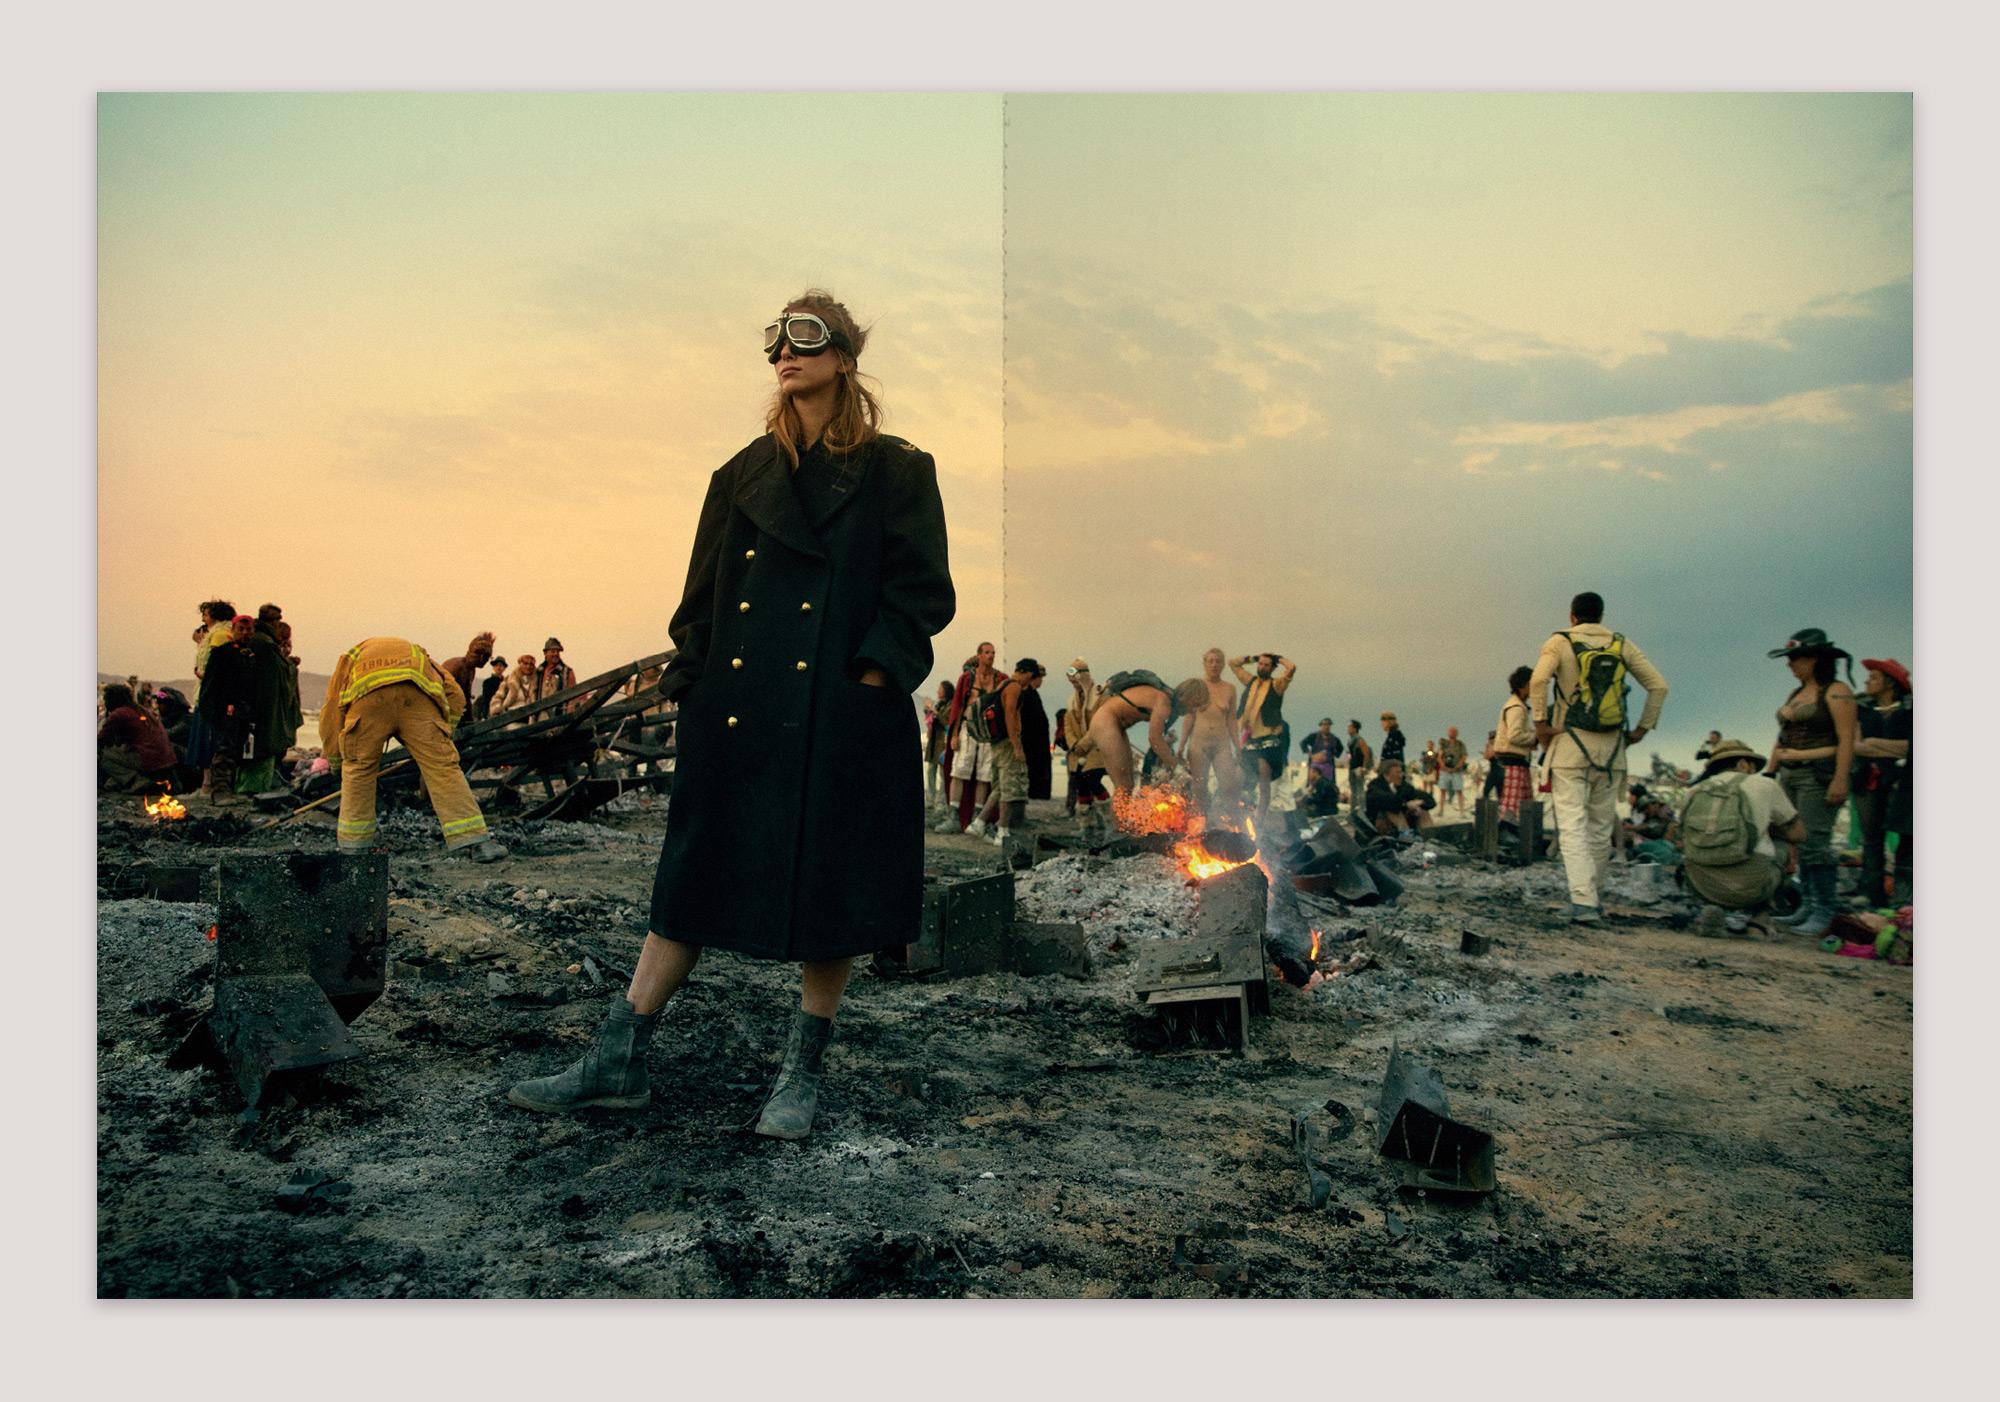 Burning_Man_11